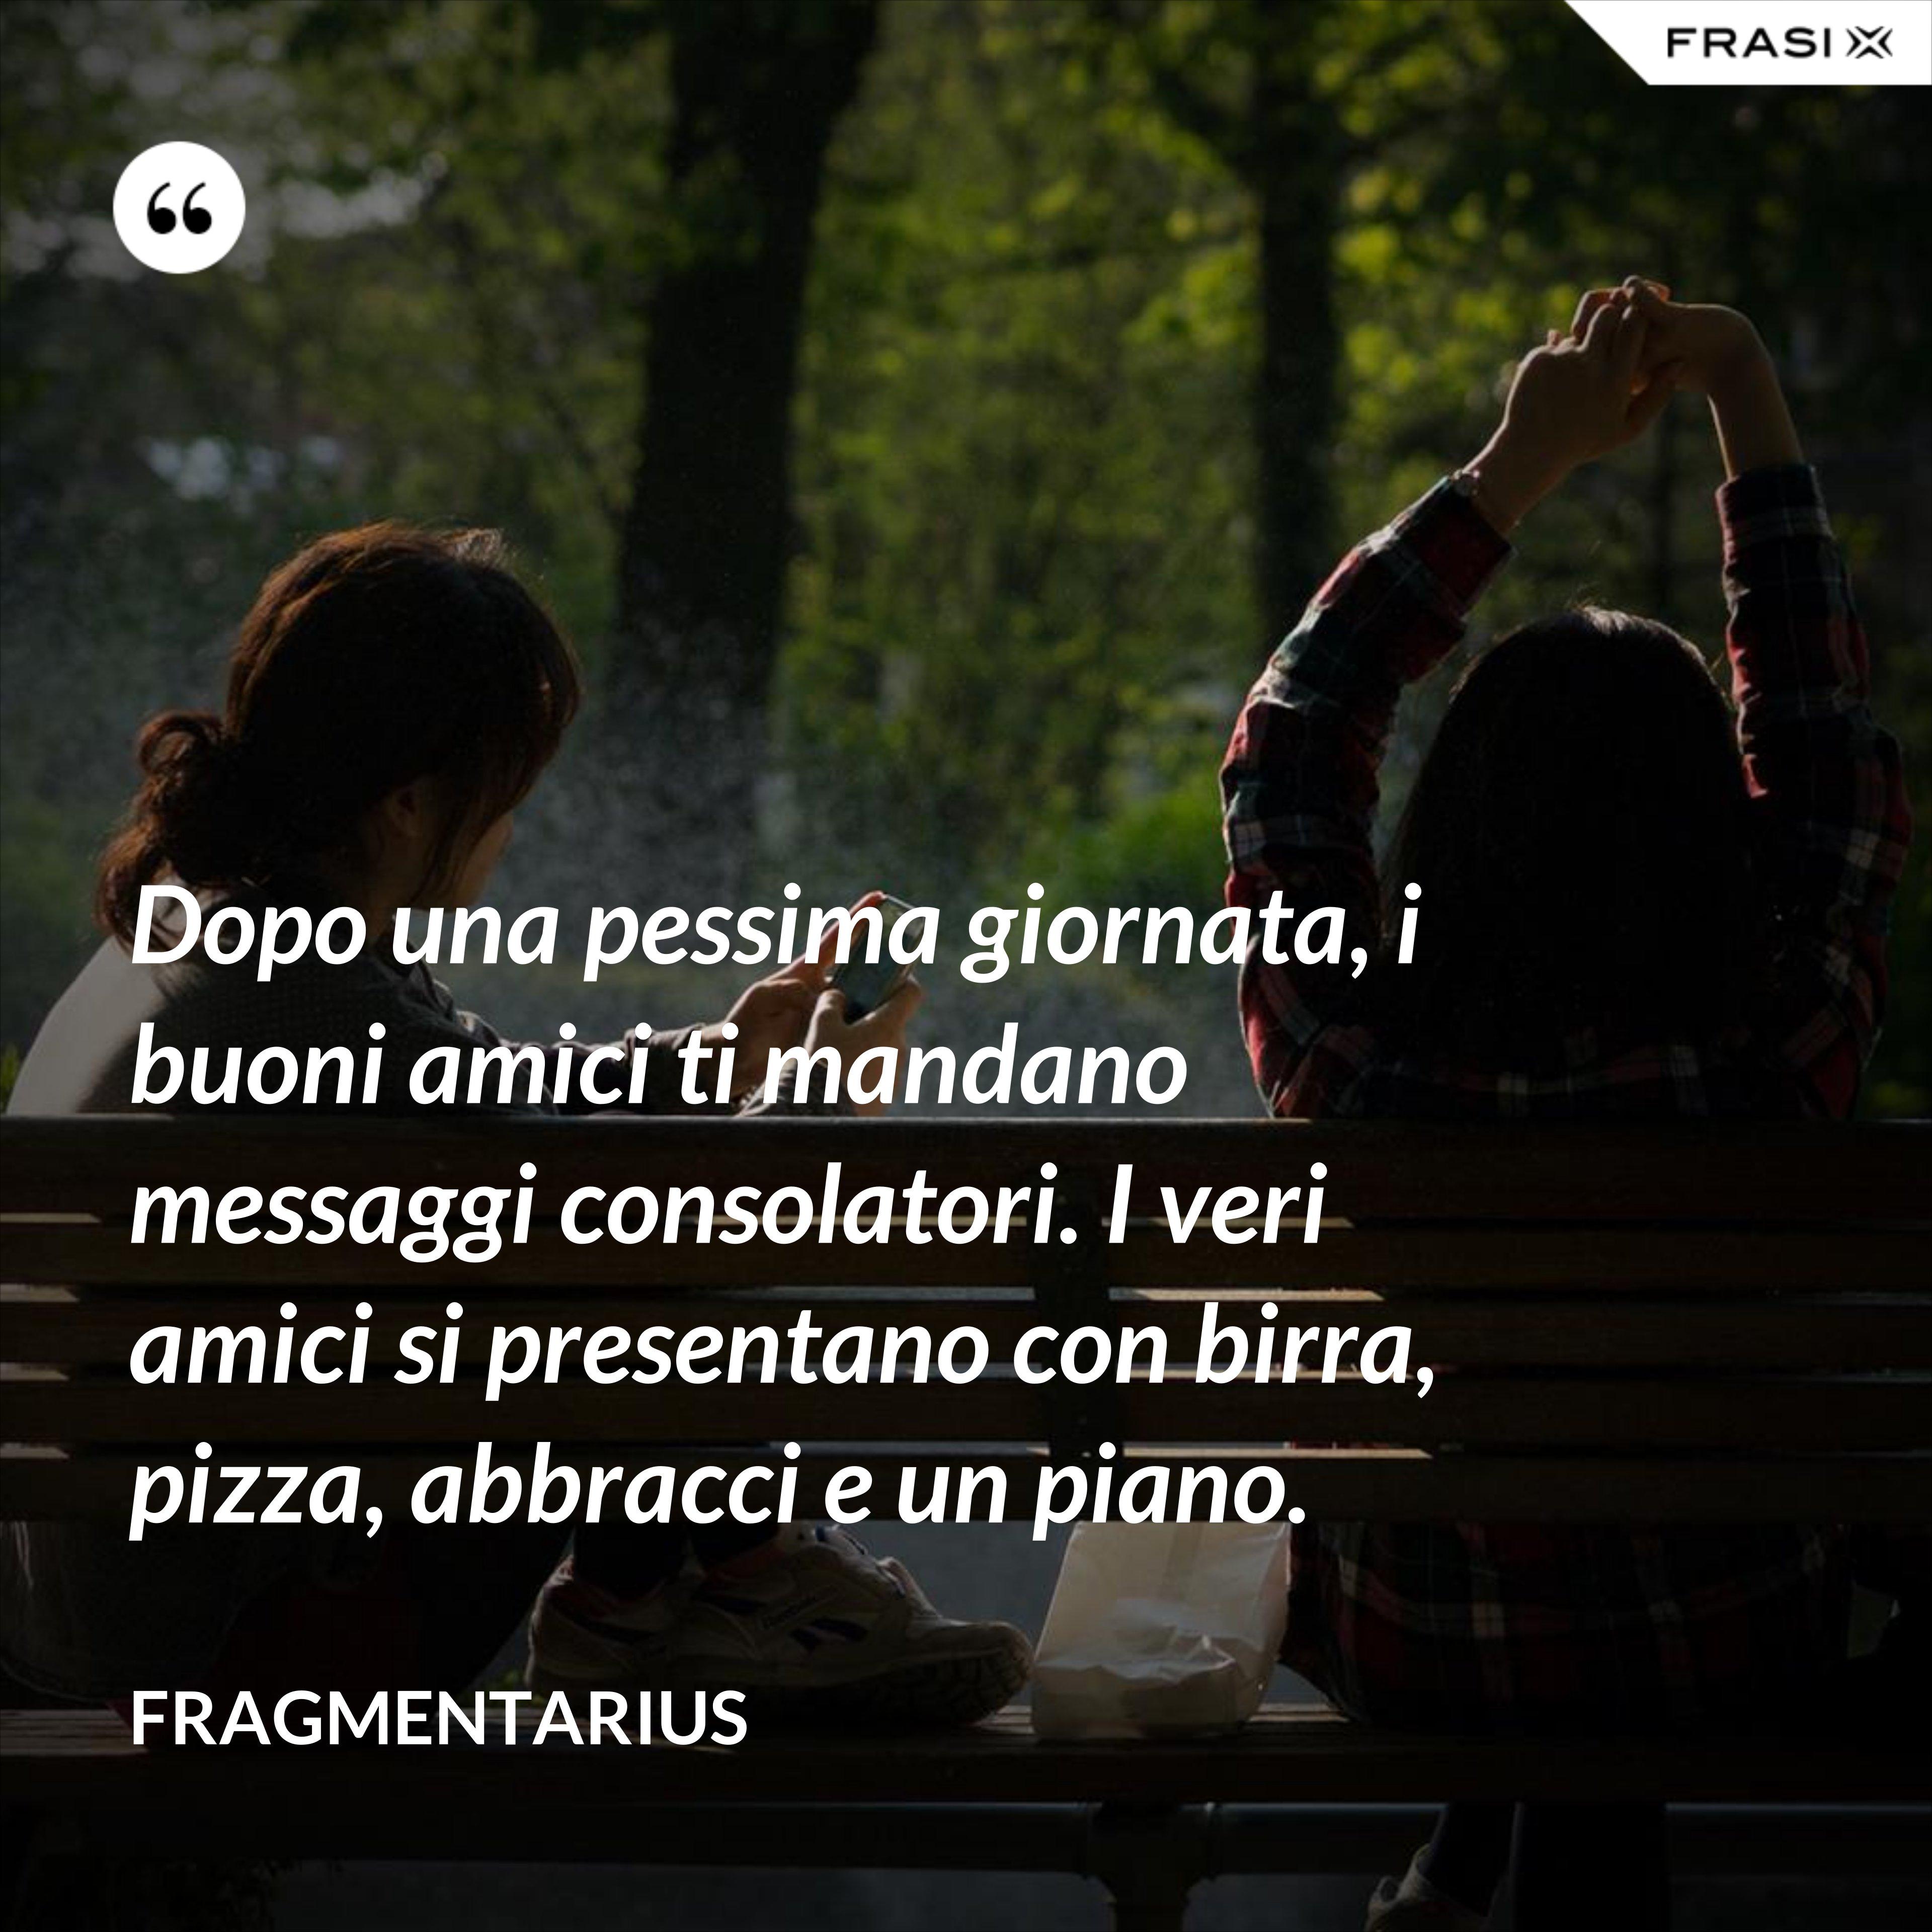 Dopo una pessima giornata, i buoni amici ti mandano messaggi consolatori. I veri amici si presentano con birra, pizza, abbracci e un piano. - Fragmentarius